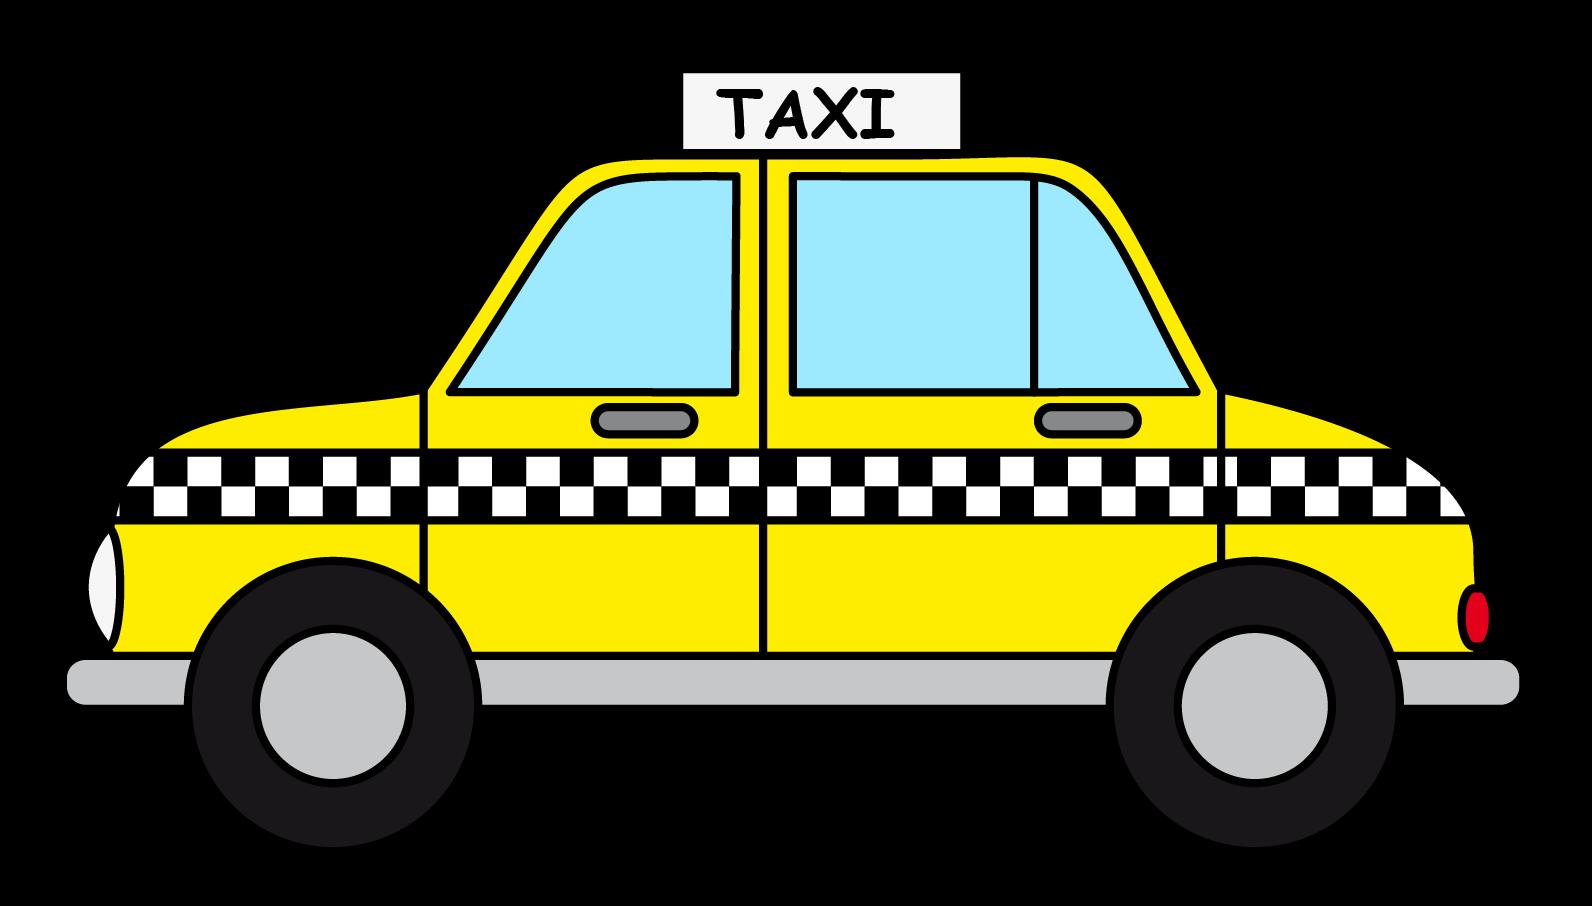 Cab clipart: cartoon taxi cab clip art